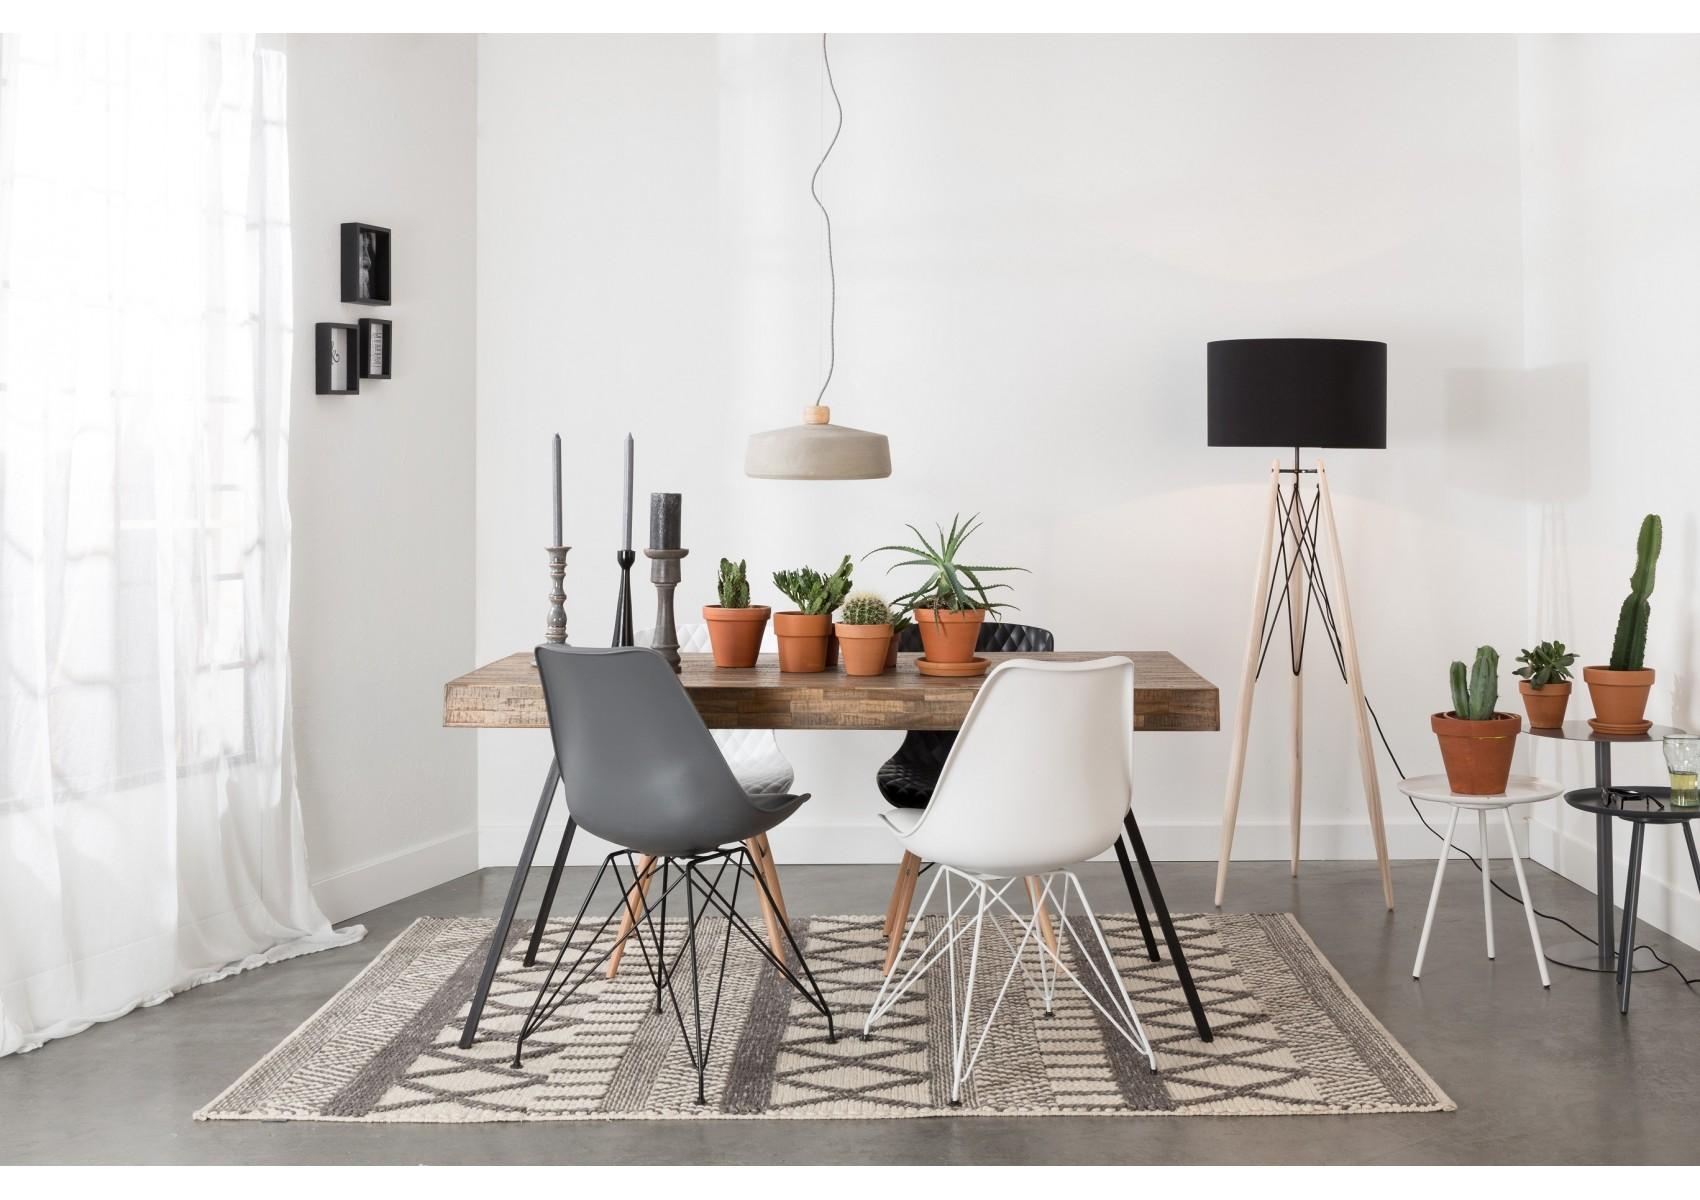 lampadaire design eiffel trepied en bois et metal boite design. Black Bedroom Furniture Sets. Home Design Ideas